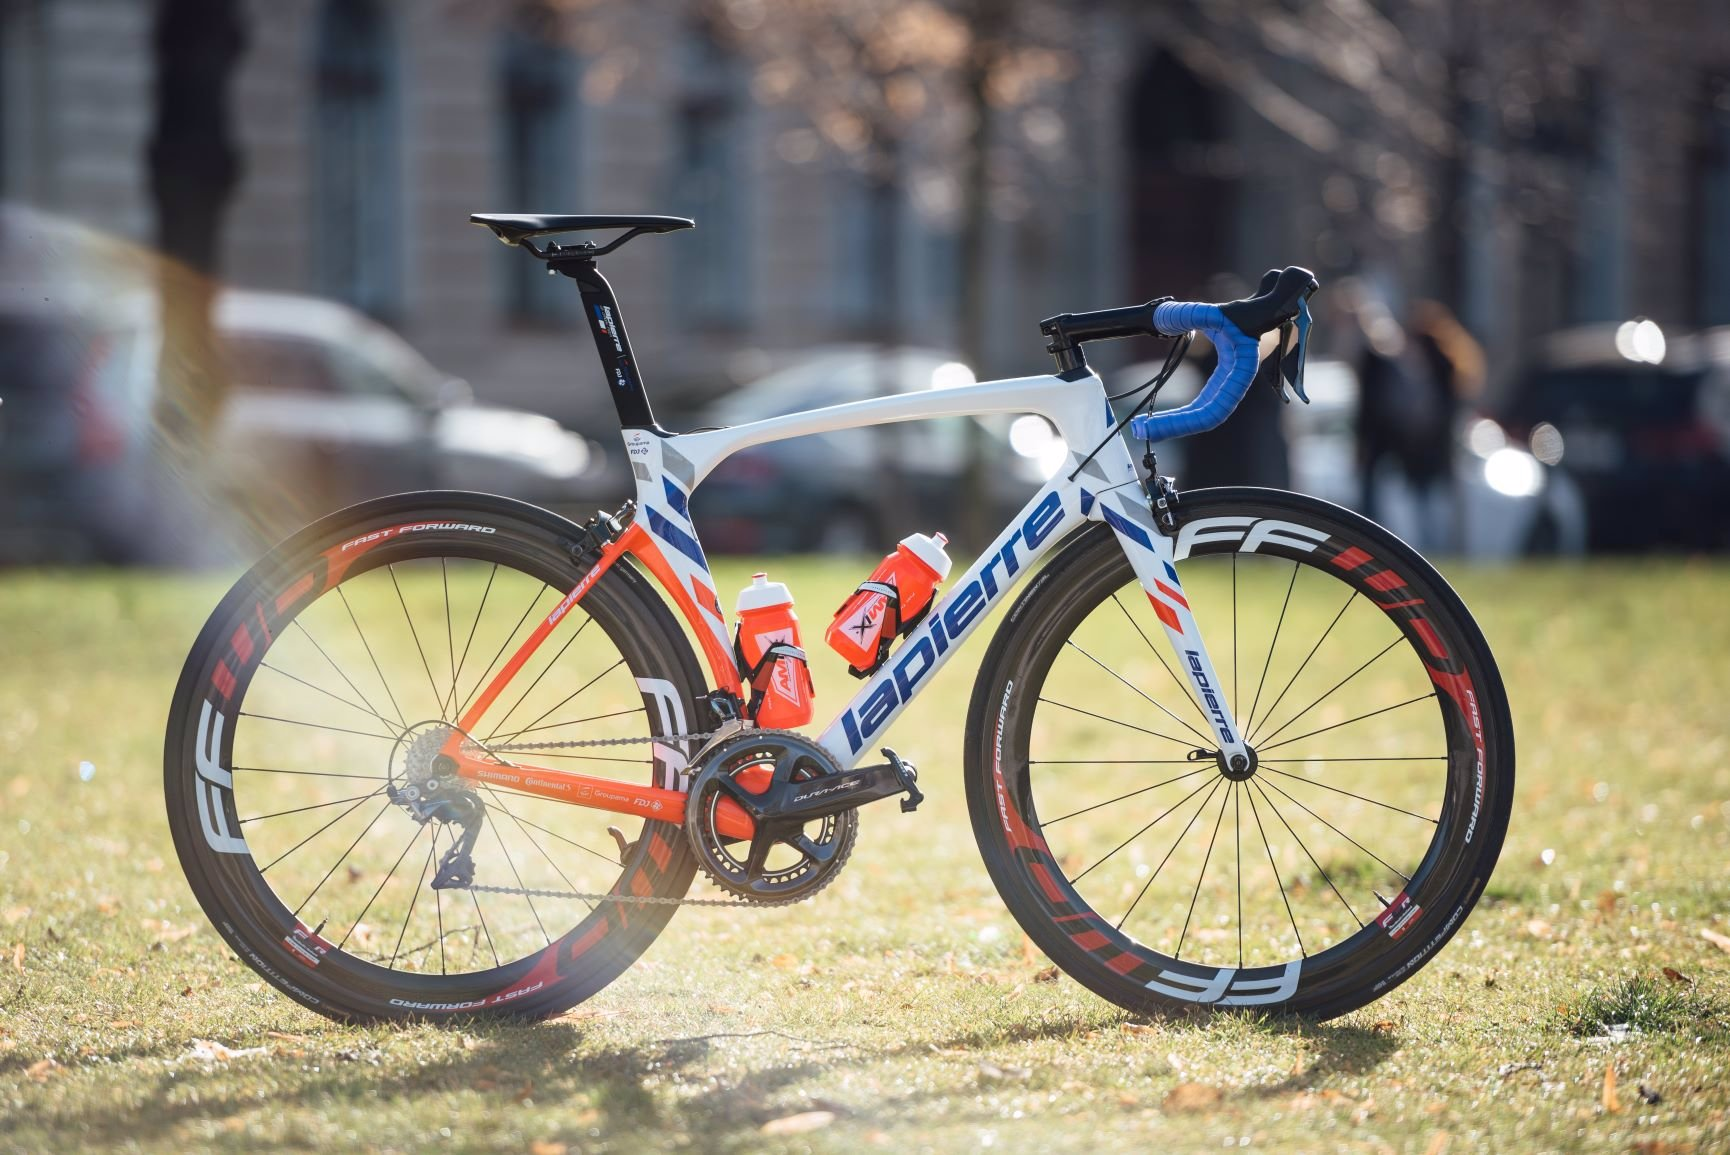 Nový supertalent v cyklistice ze Slovenska! Dosáhne Adam Foltán úspěchů svého slavného krajana Petera Sagana?